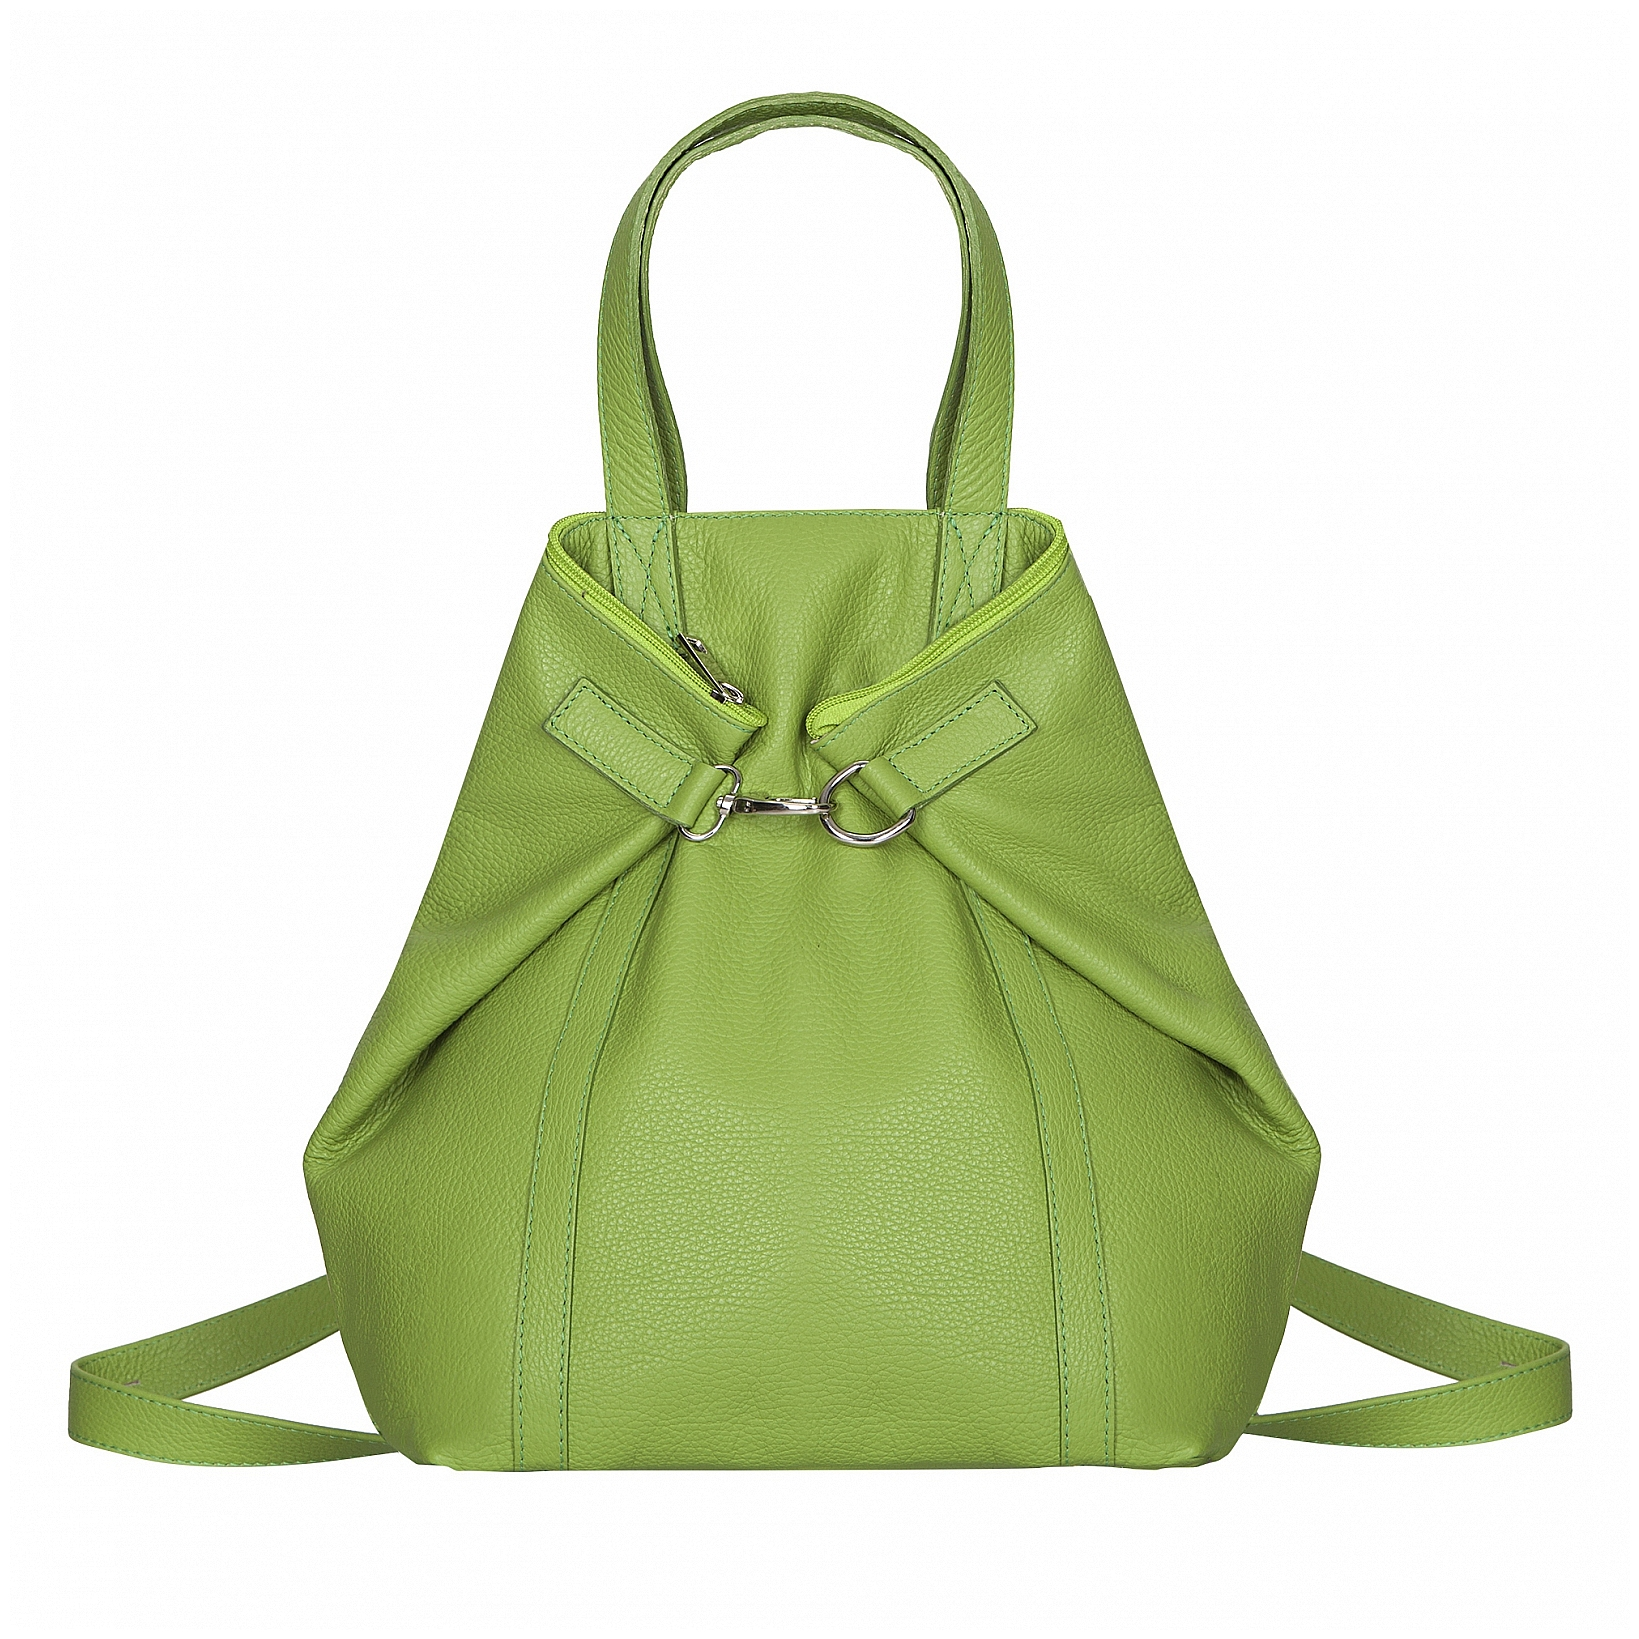 ESTELLE Dámský kožený batoh - kabelka 3v1 1409-75 zelená